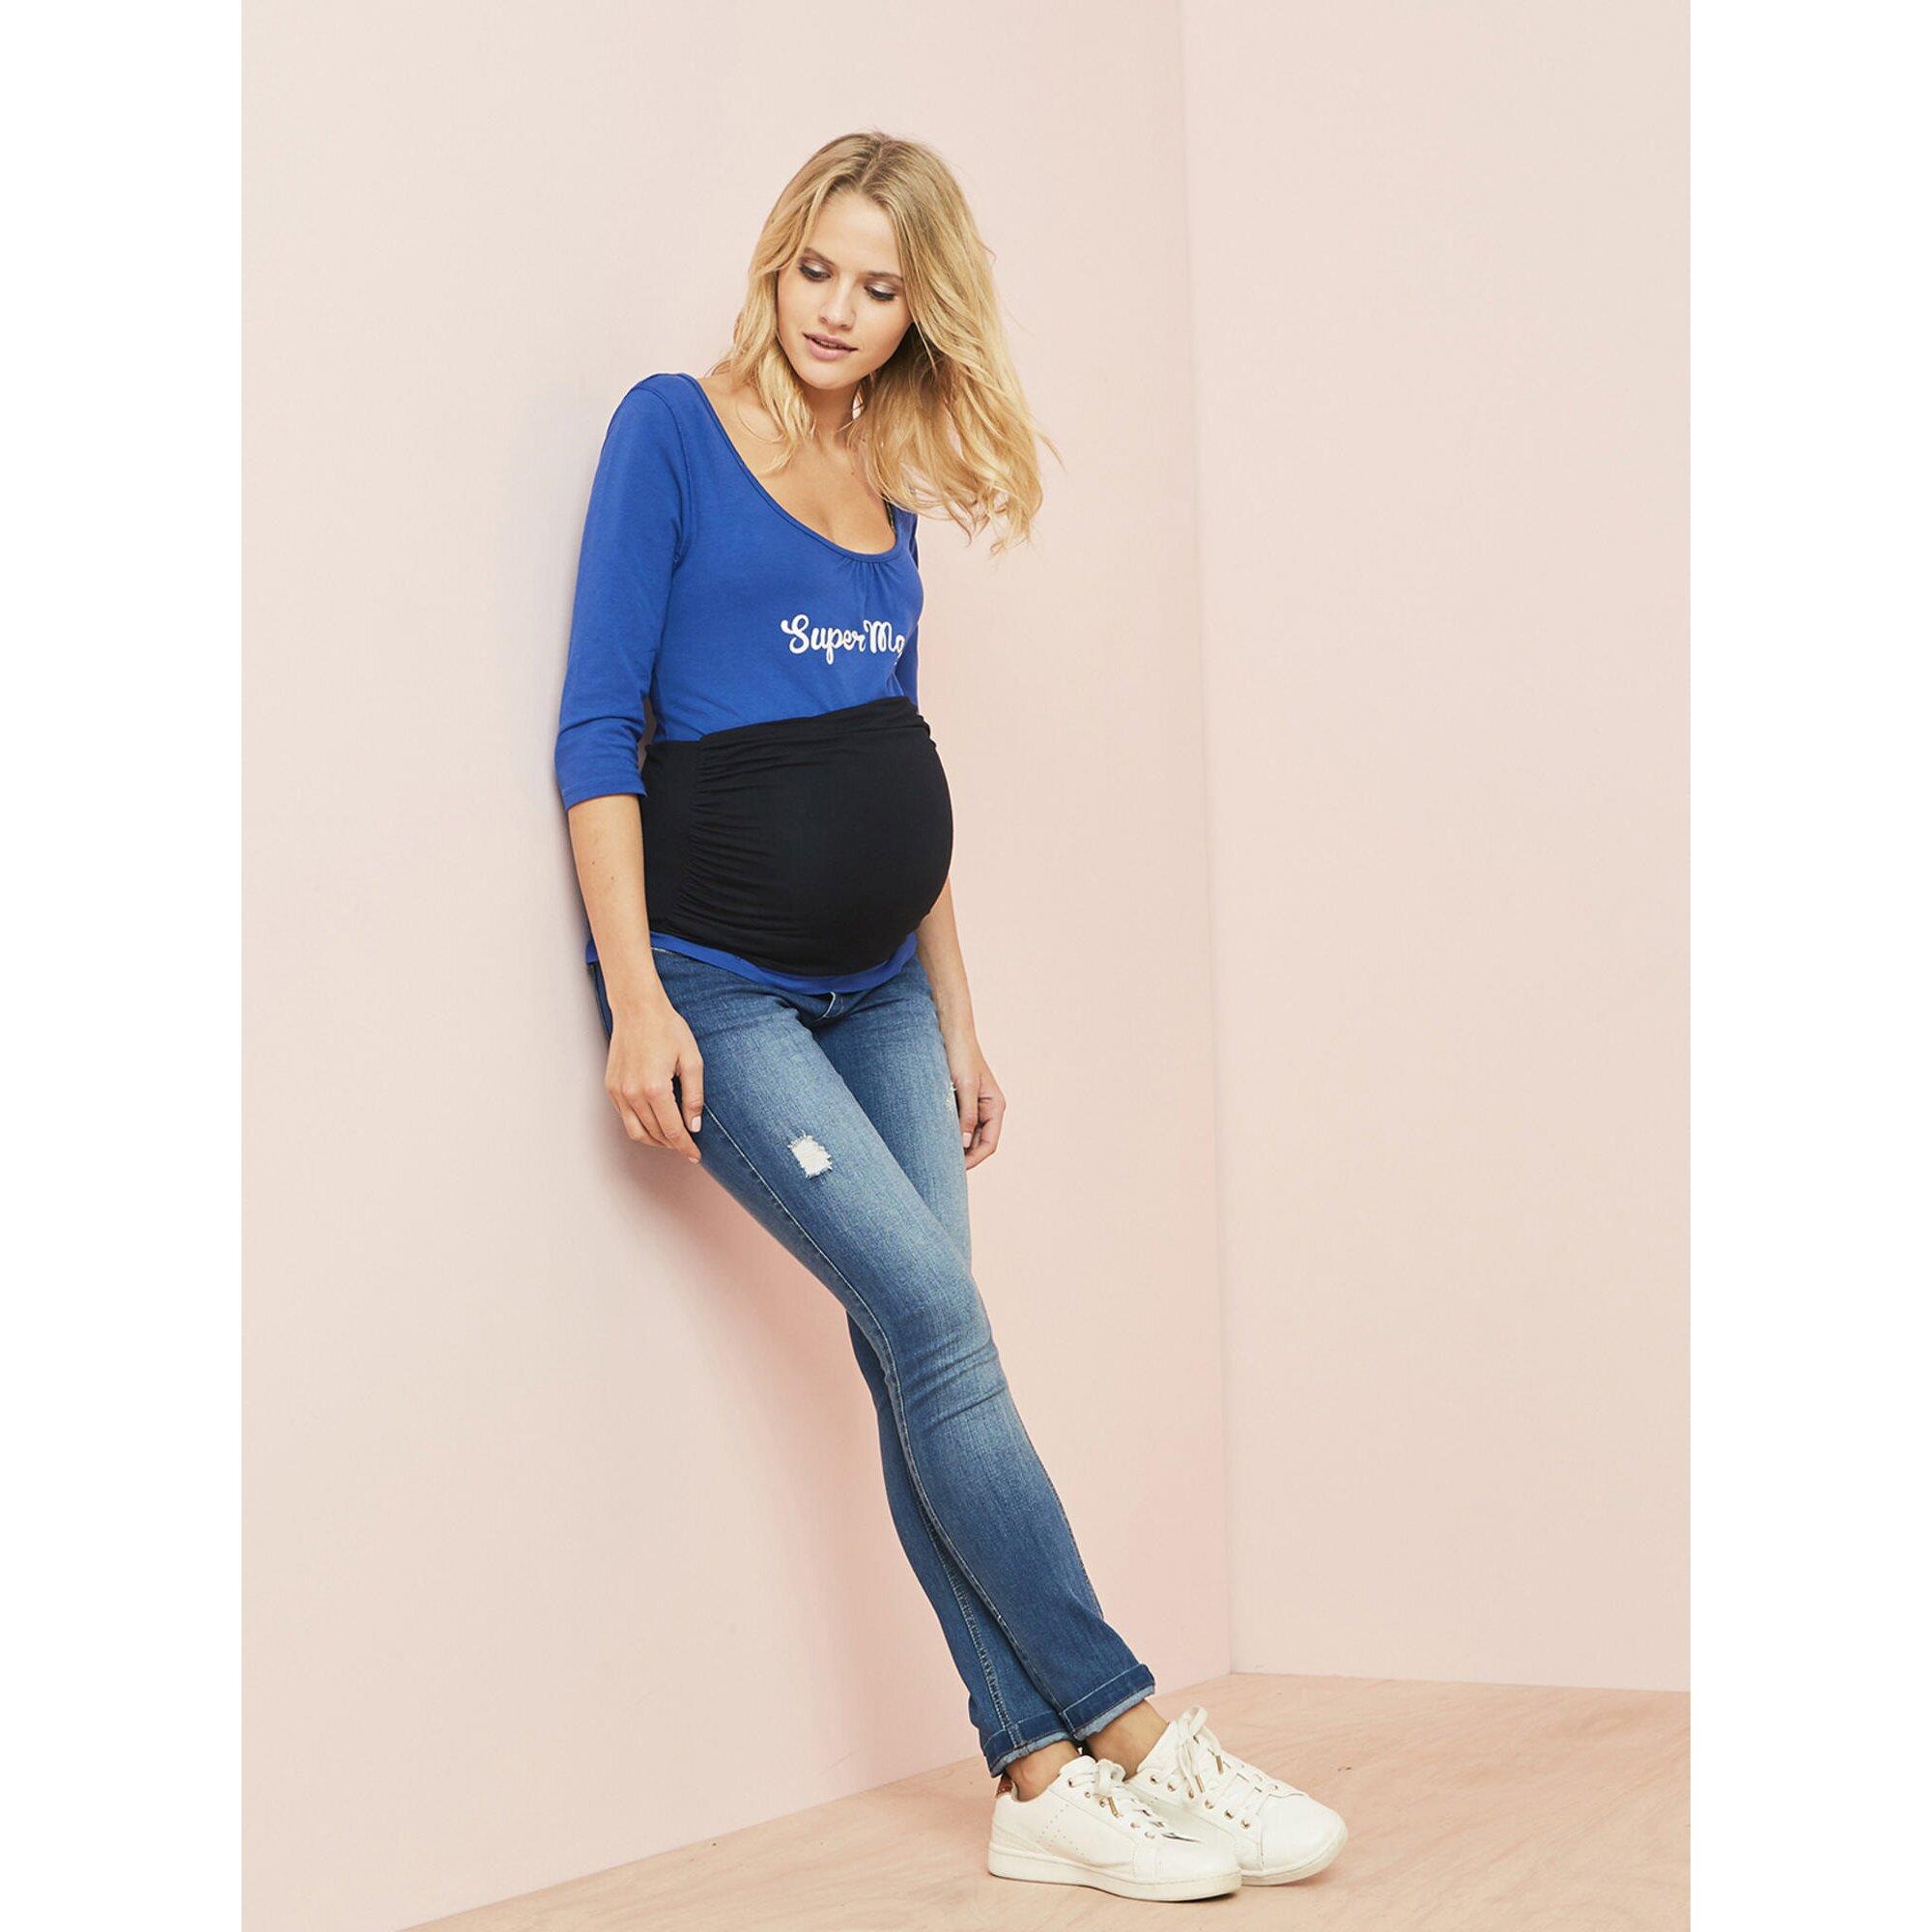 vertbaudet-bauchband-fur-die-schwangerschaft-stretch